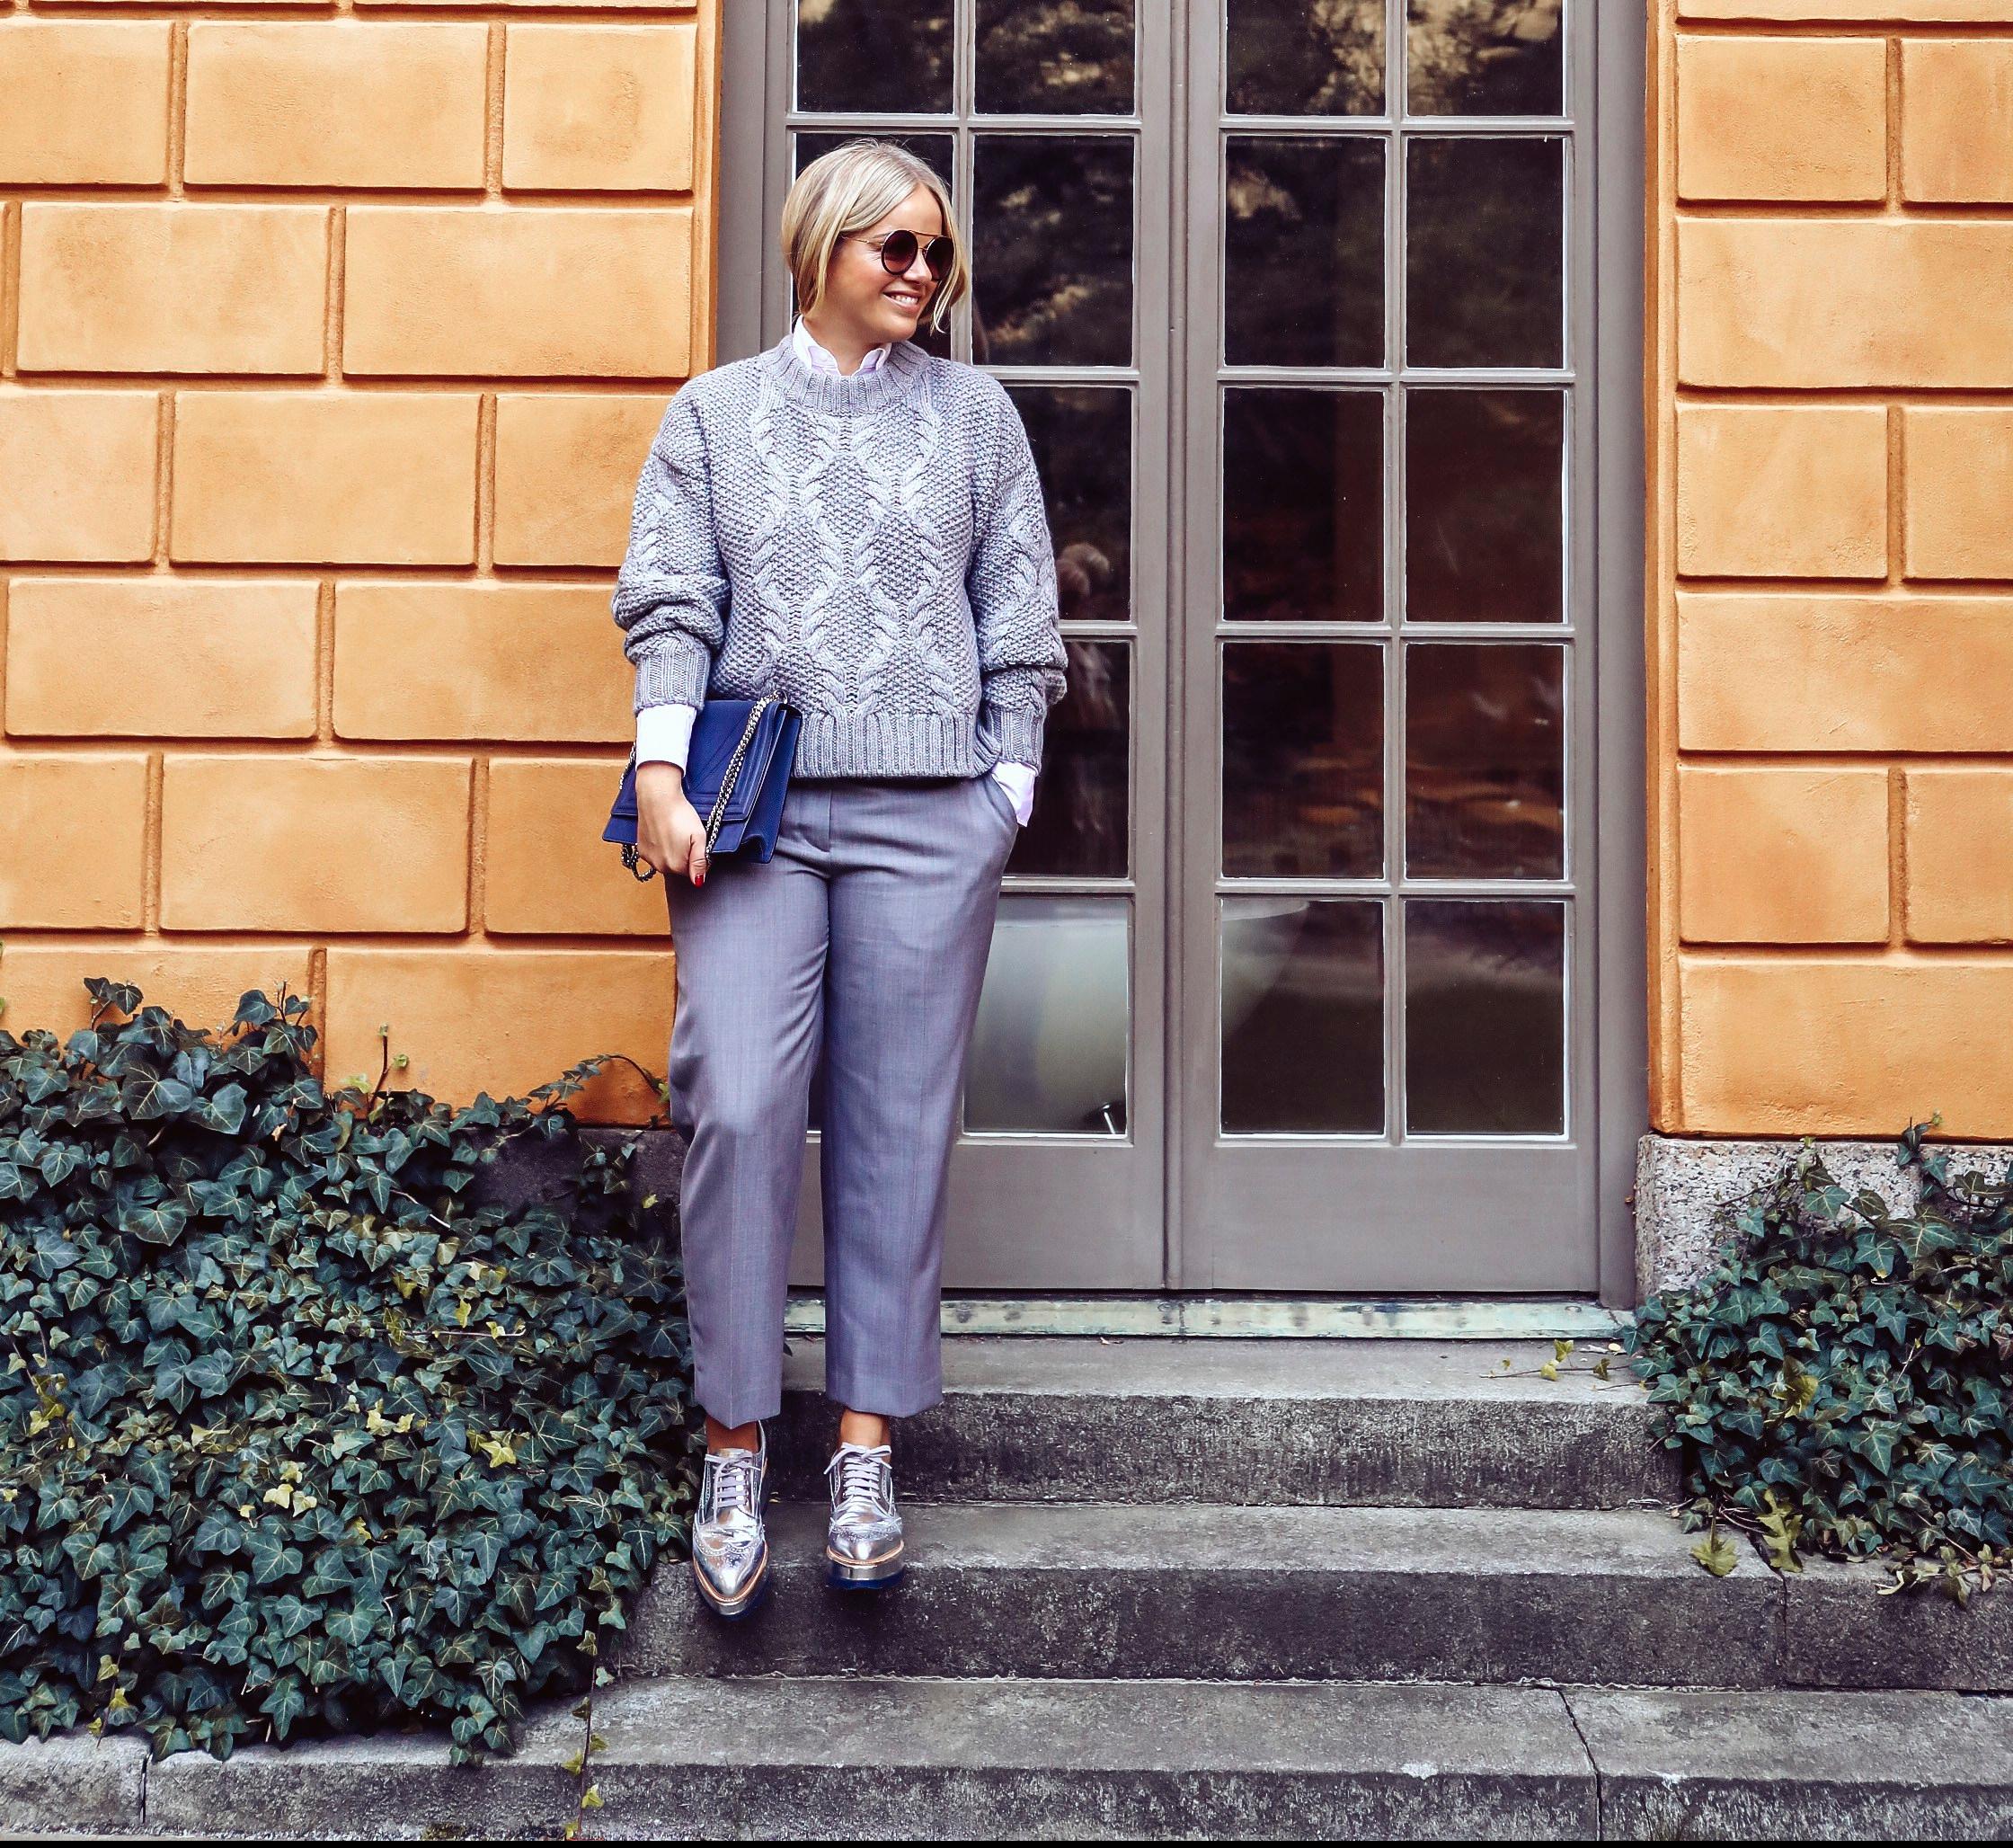 b0d818789fc Med självförtroendet i… skorna? – Ebba Kleberg von Sydow